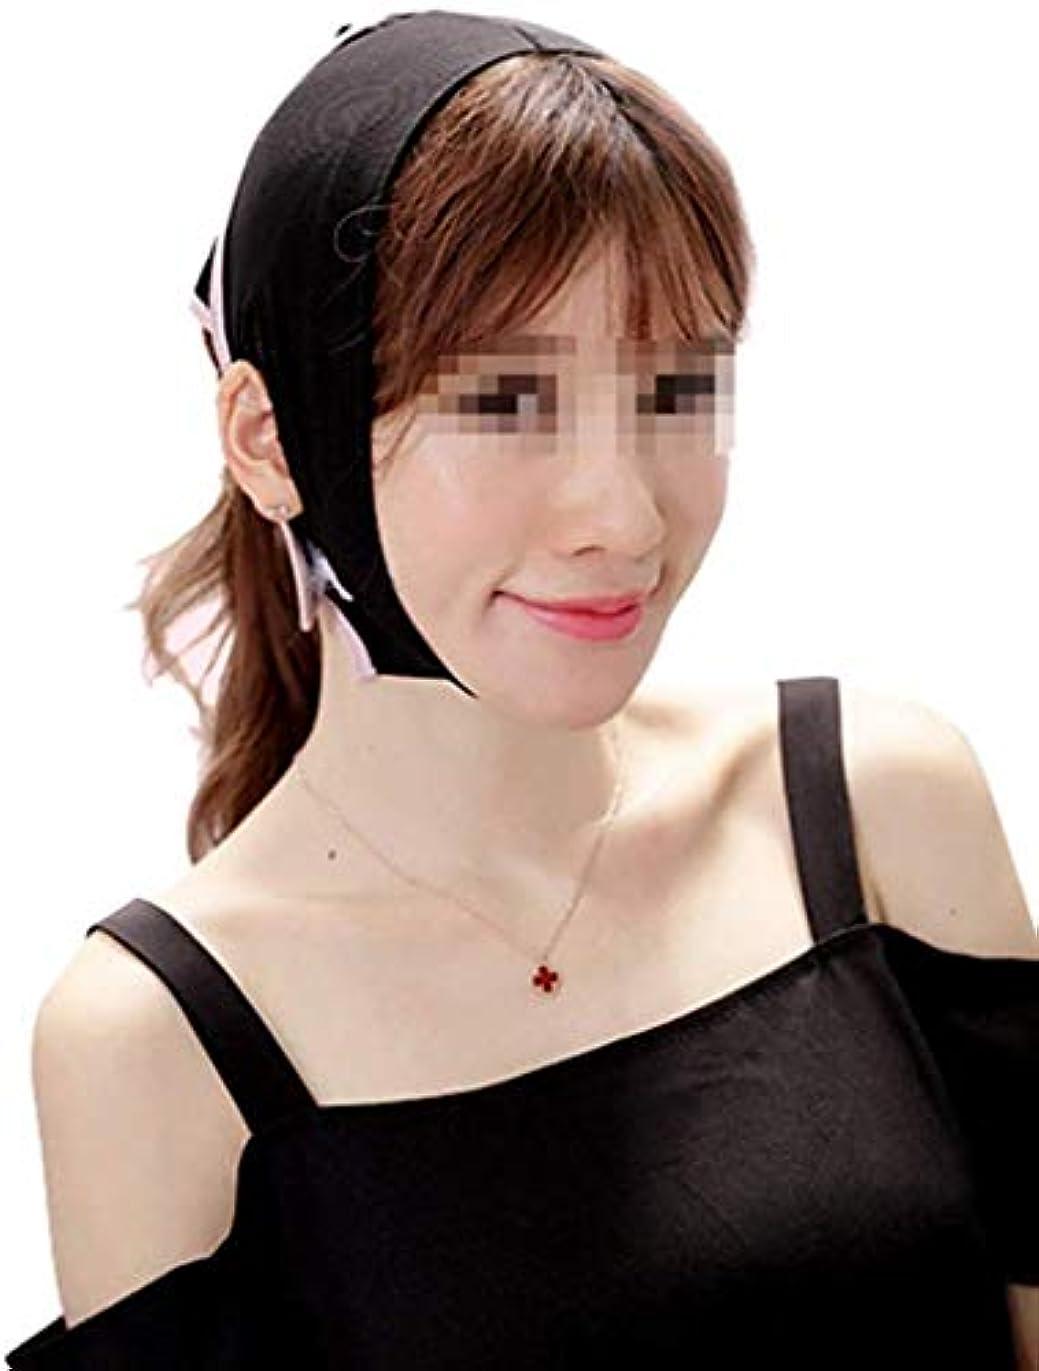 範囲呼吸するアデレード美容と実用的なフェイスリフトマスク、スモールVフェイス睡眠包帯マスク、薄いダブルチンリフトファーミングスキン